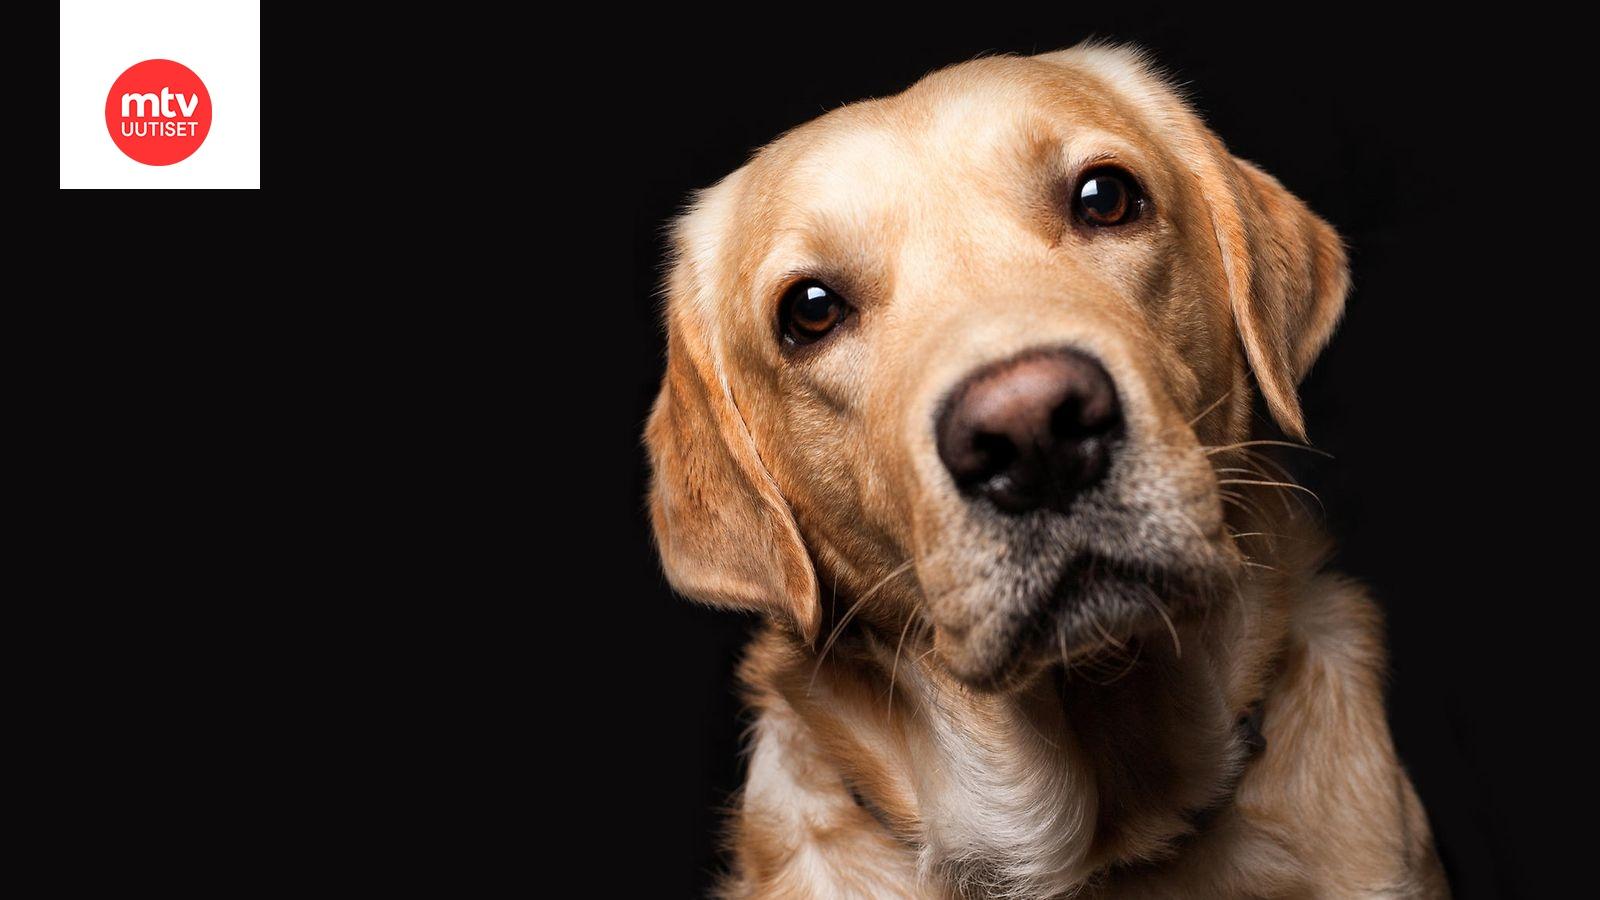 Koira Pelkää Ulkona